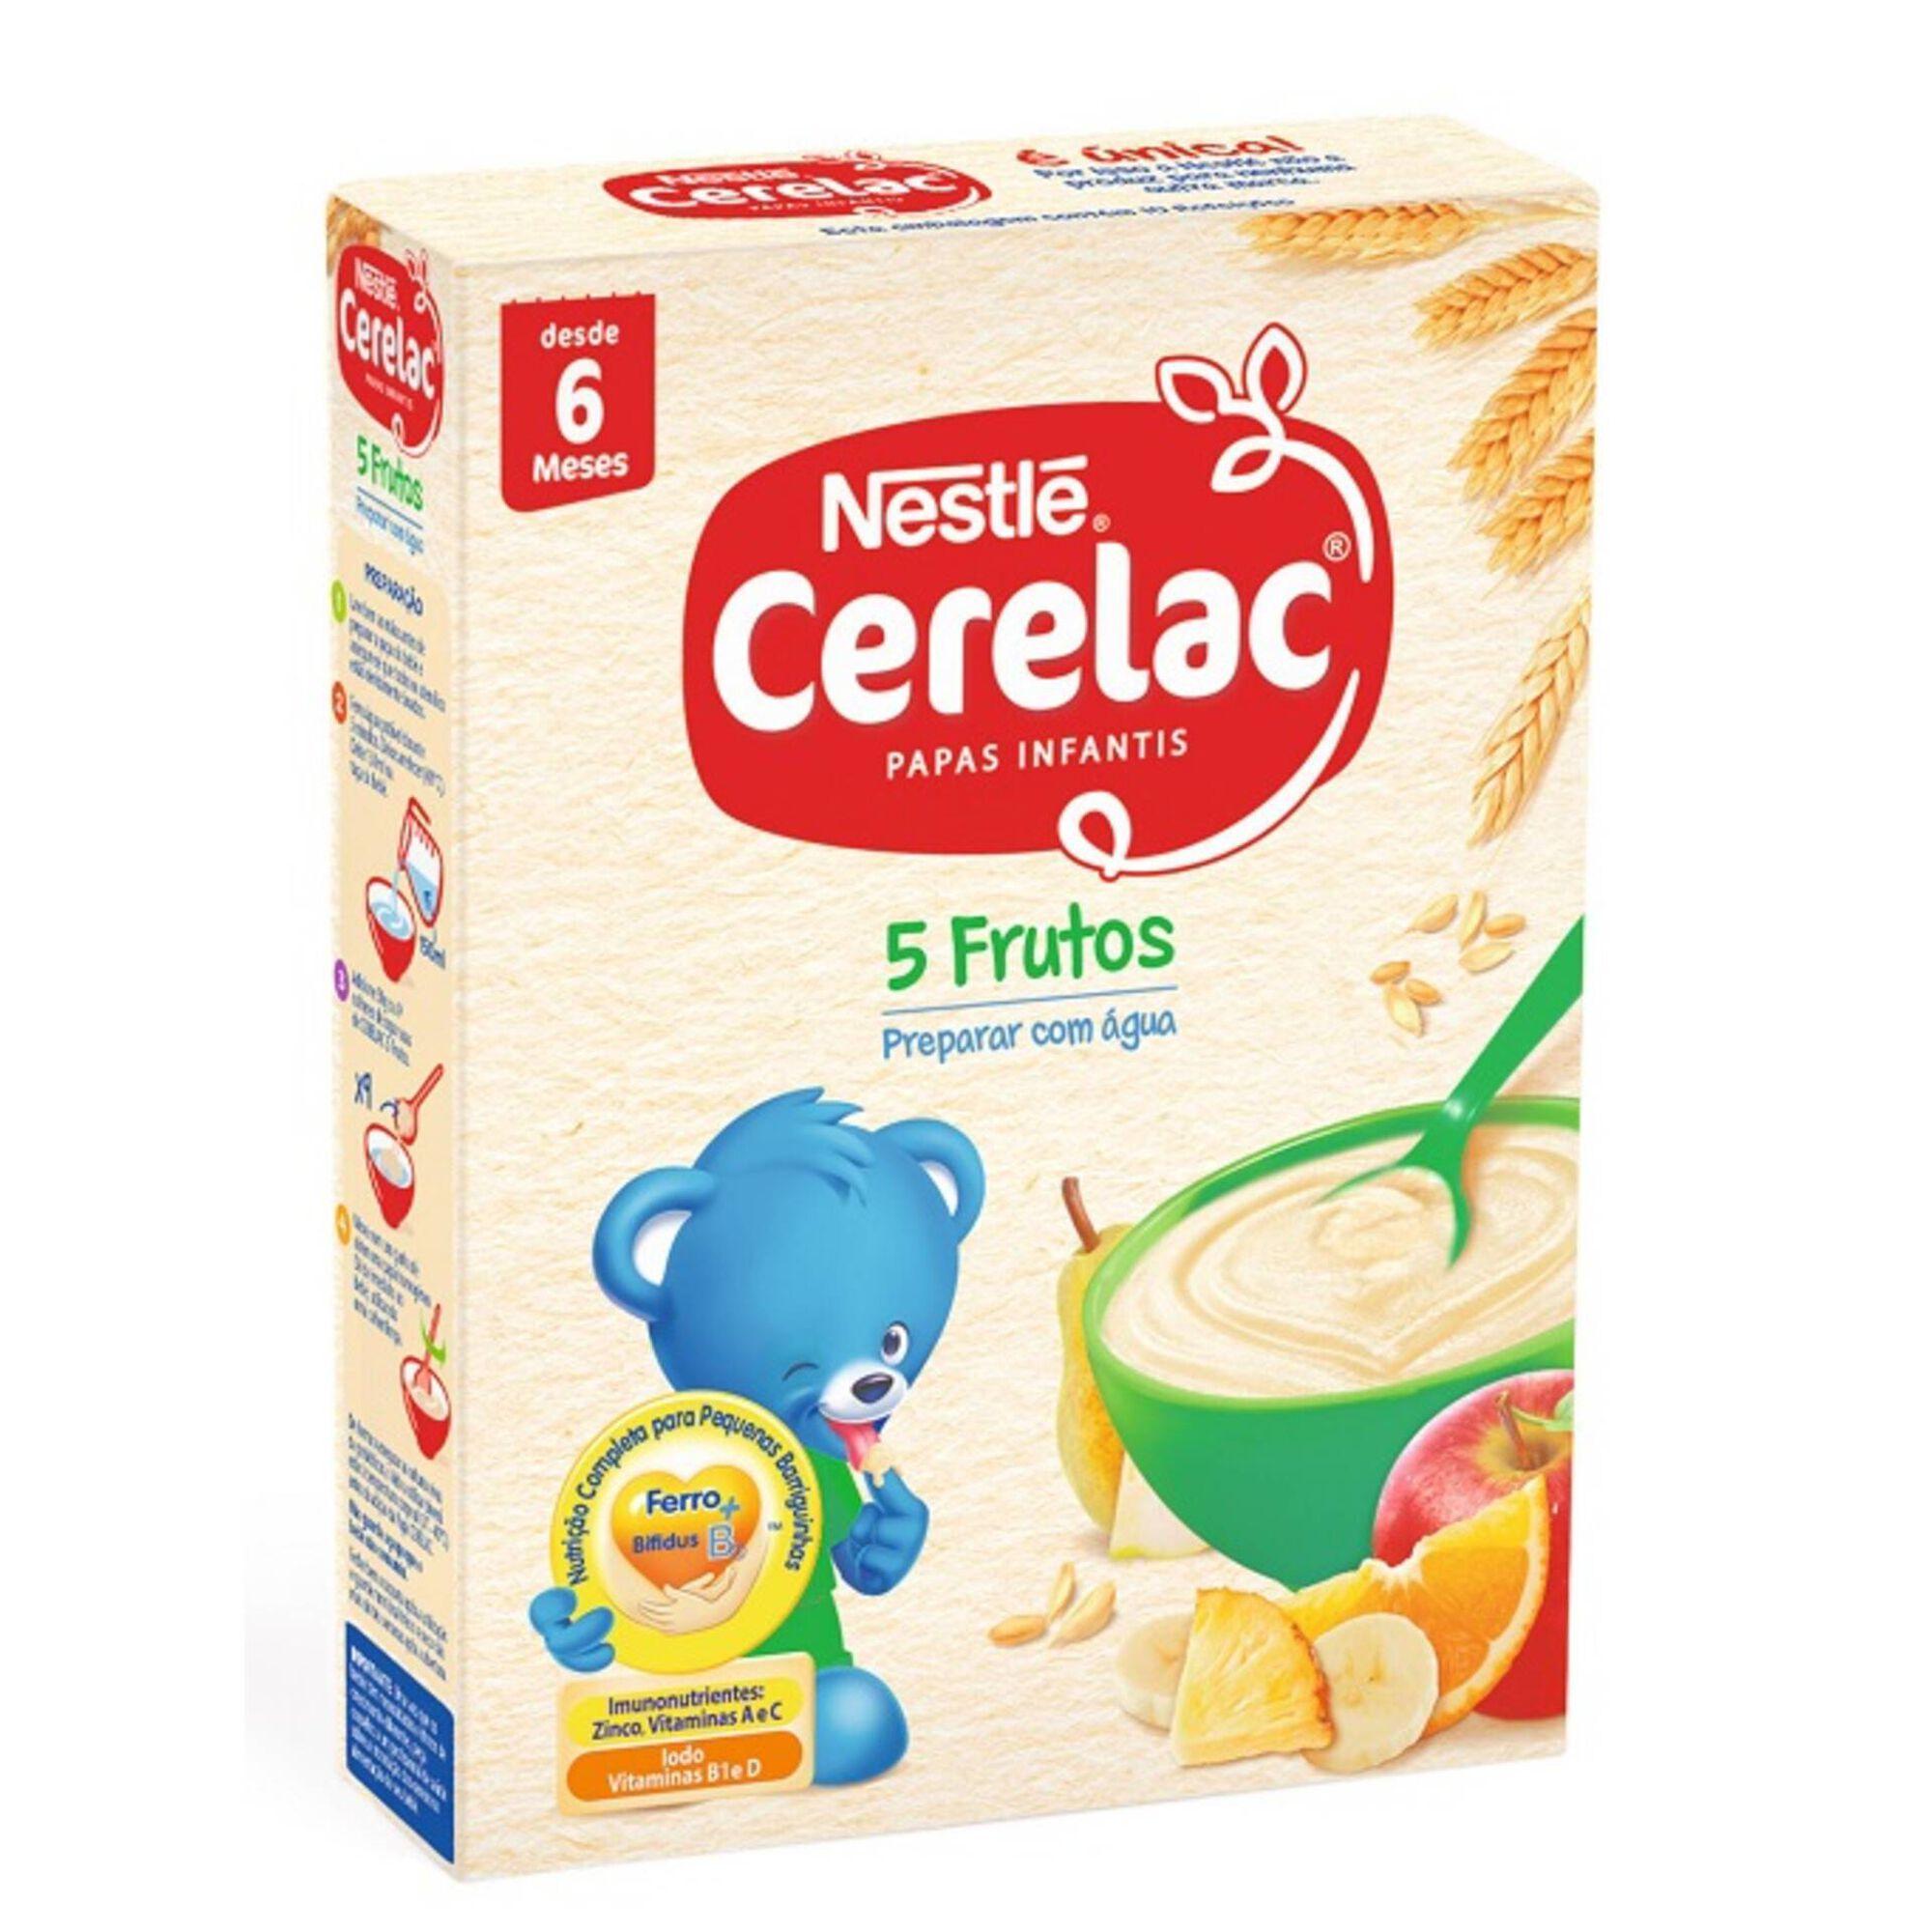 Papa Infantil Láctea 5 Frutos +6 Meses